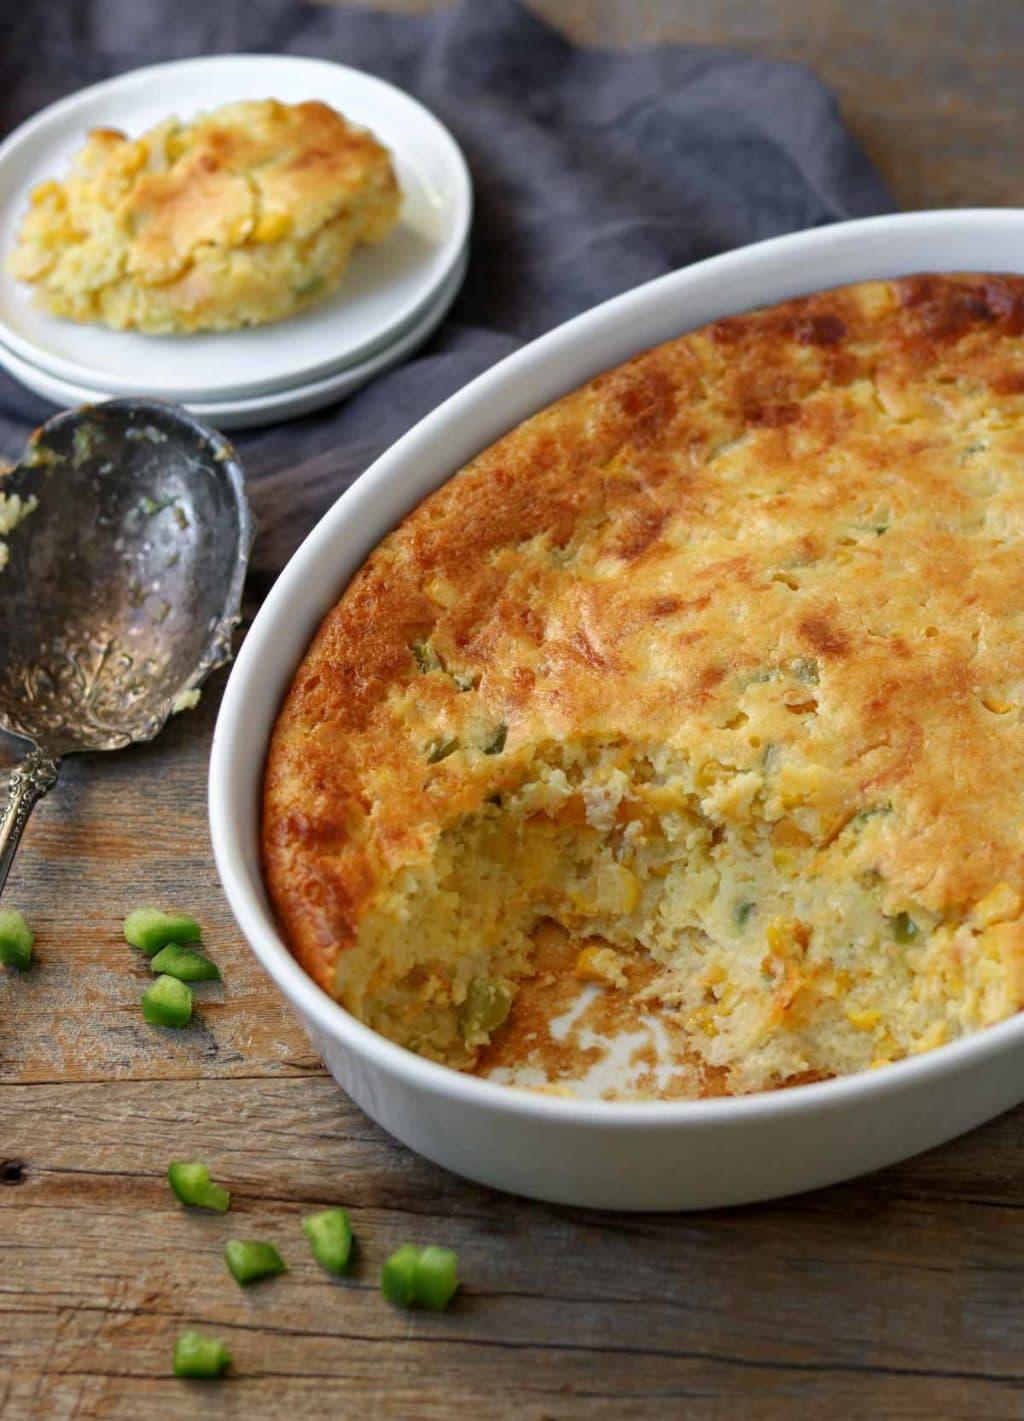 jiffy corn casserole in a baking dish